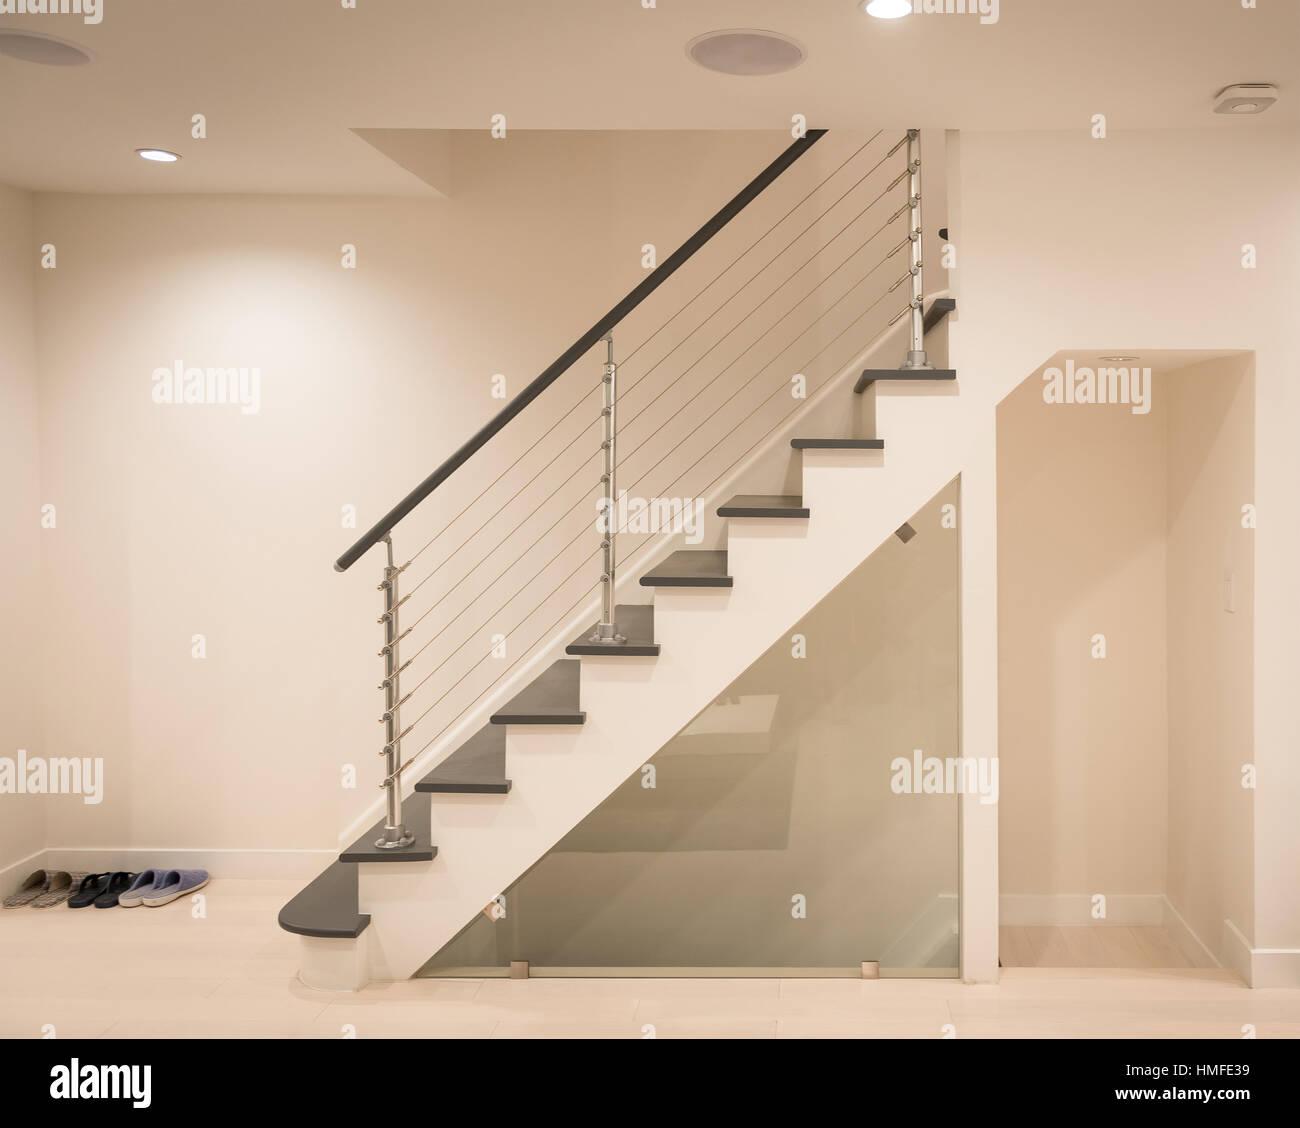 Moderne Treppe Und Hand Schiene Design In Weiß Und Grau